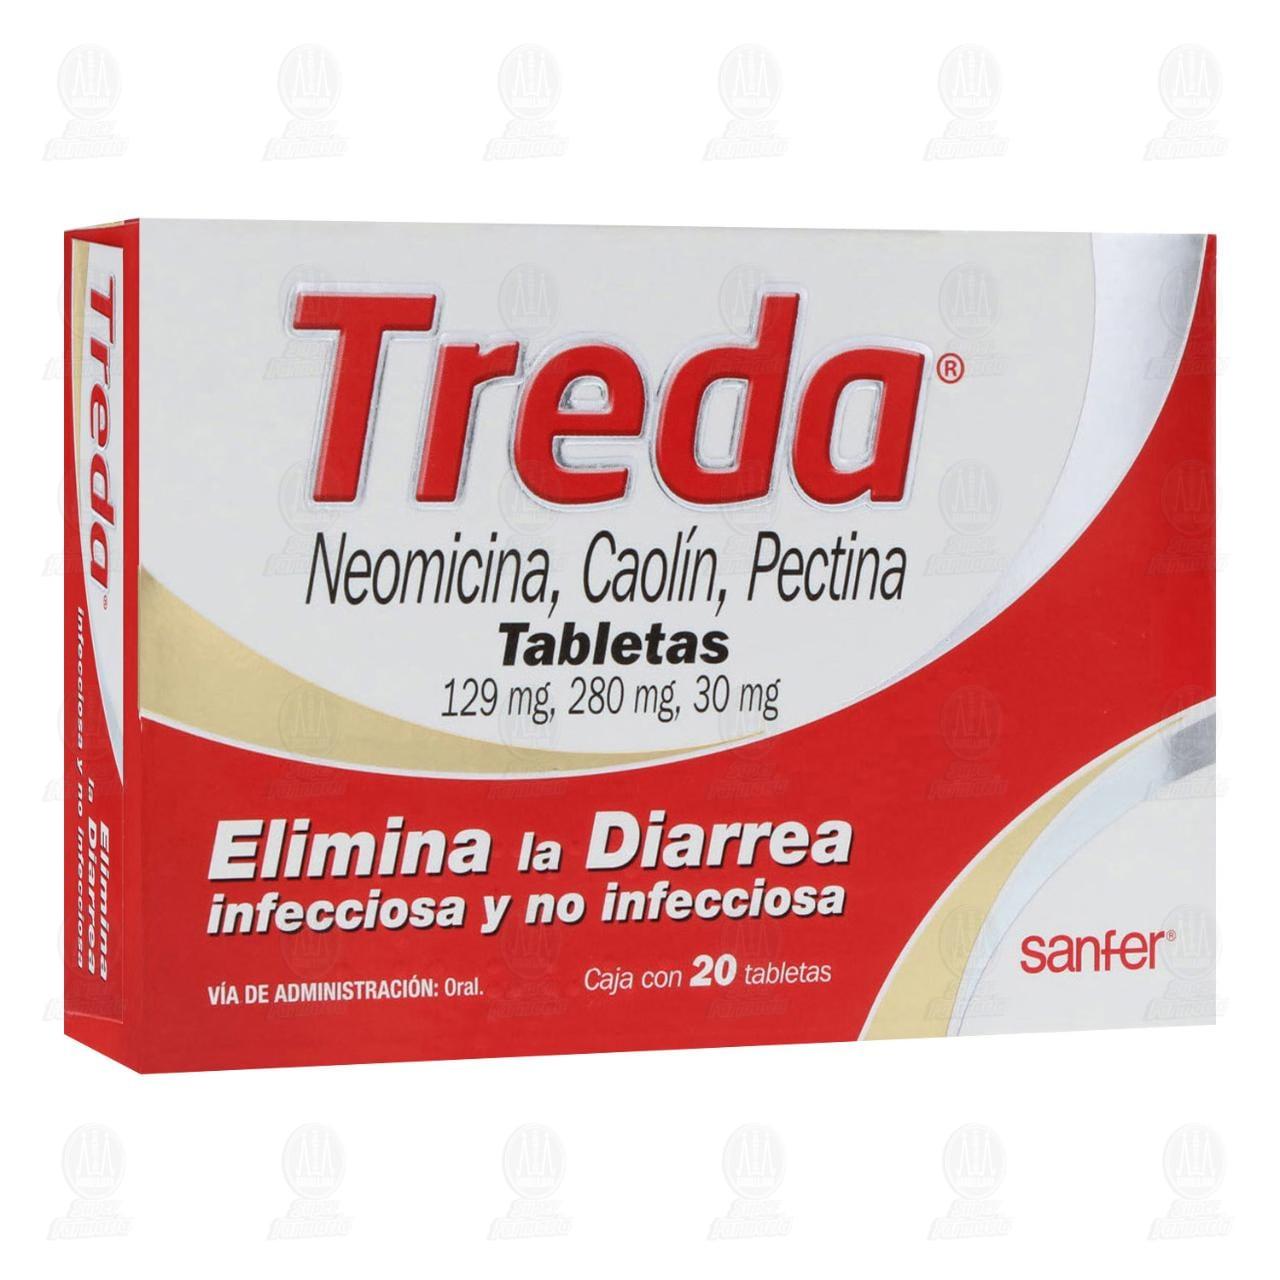 Treda 20 Tabletas